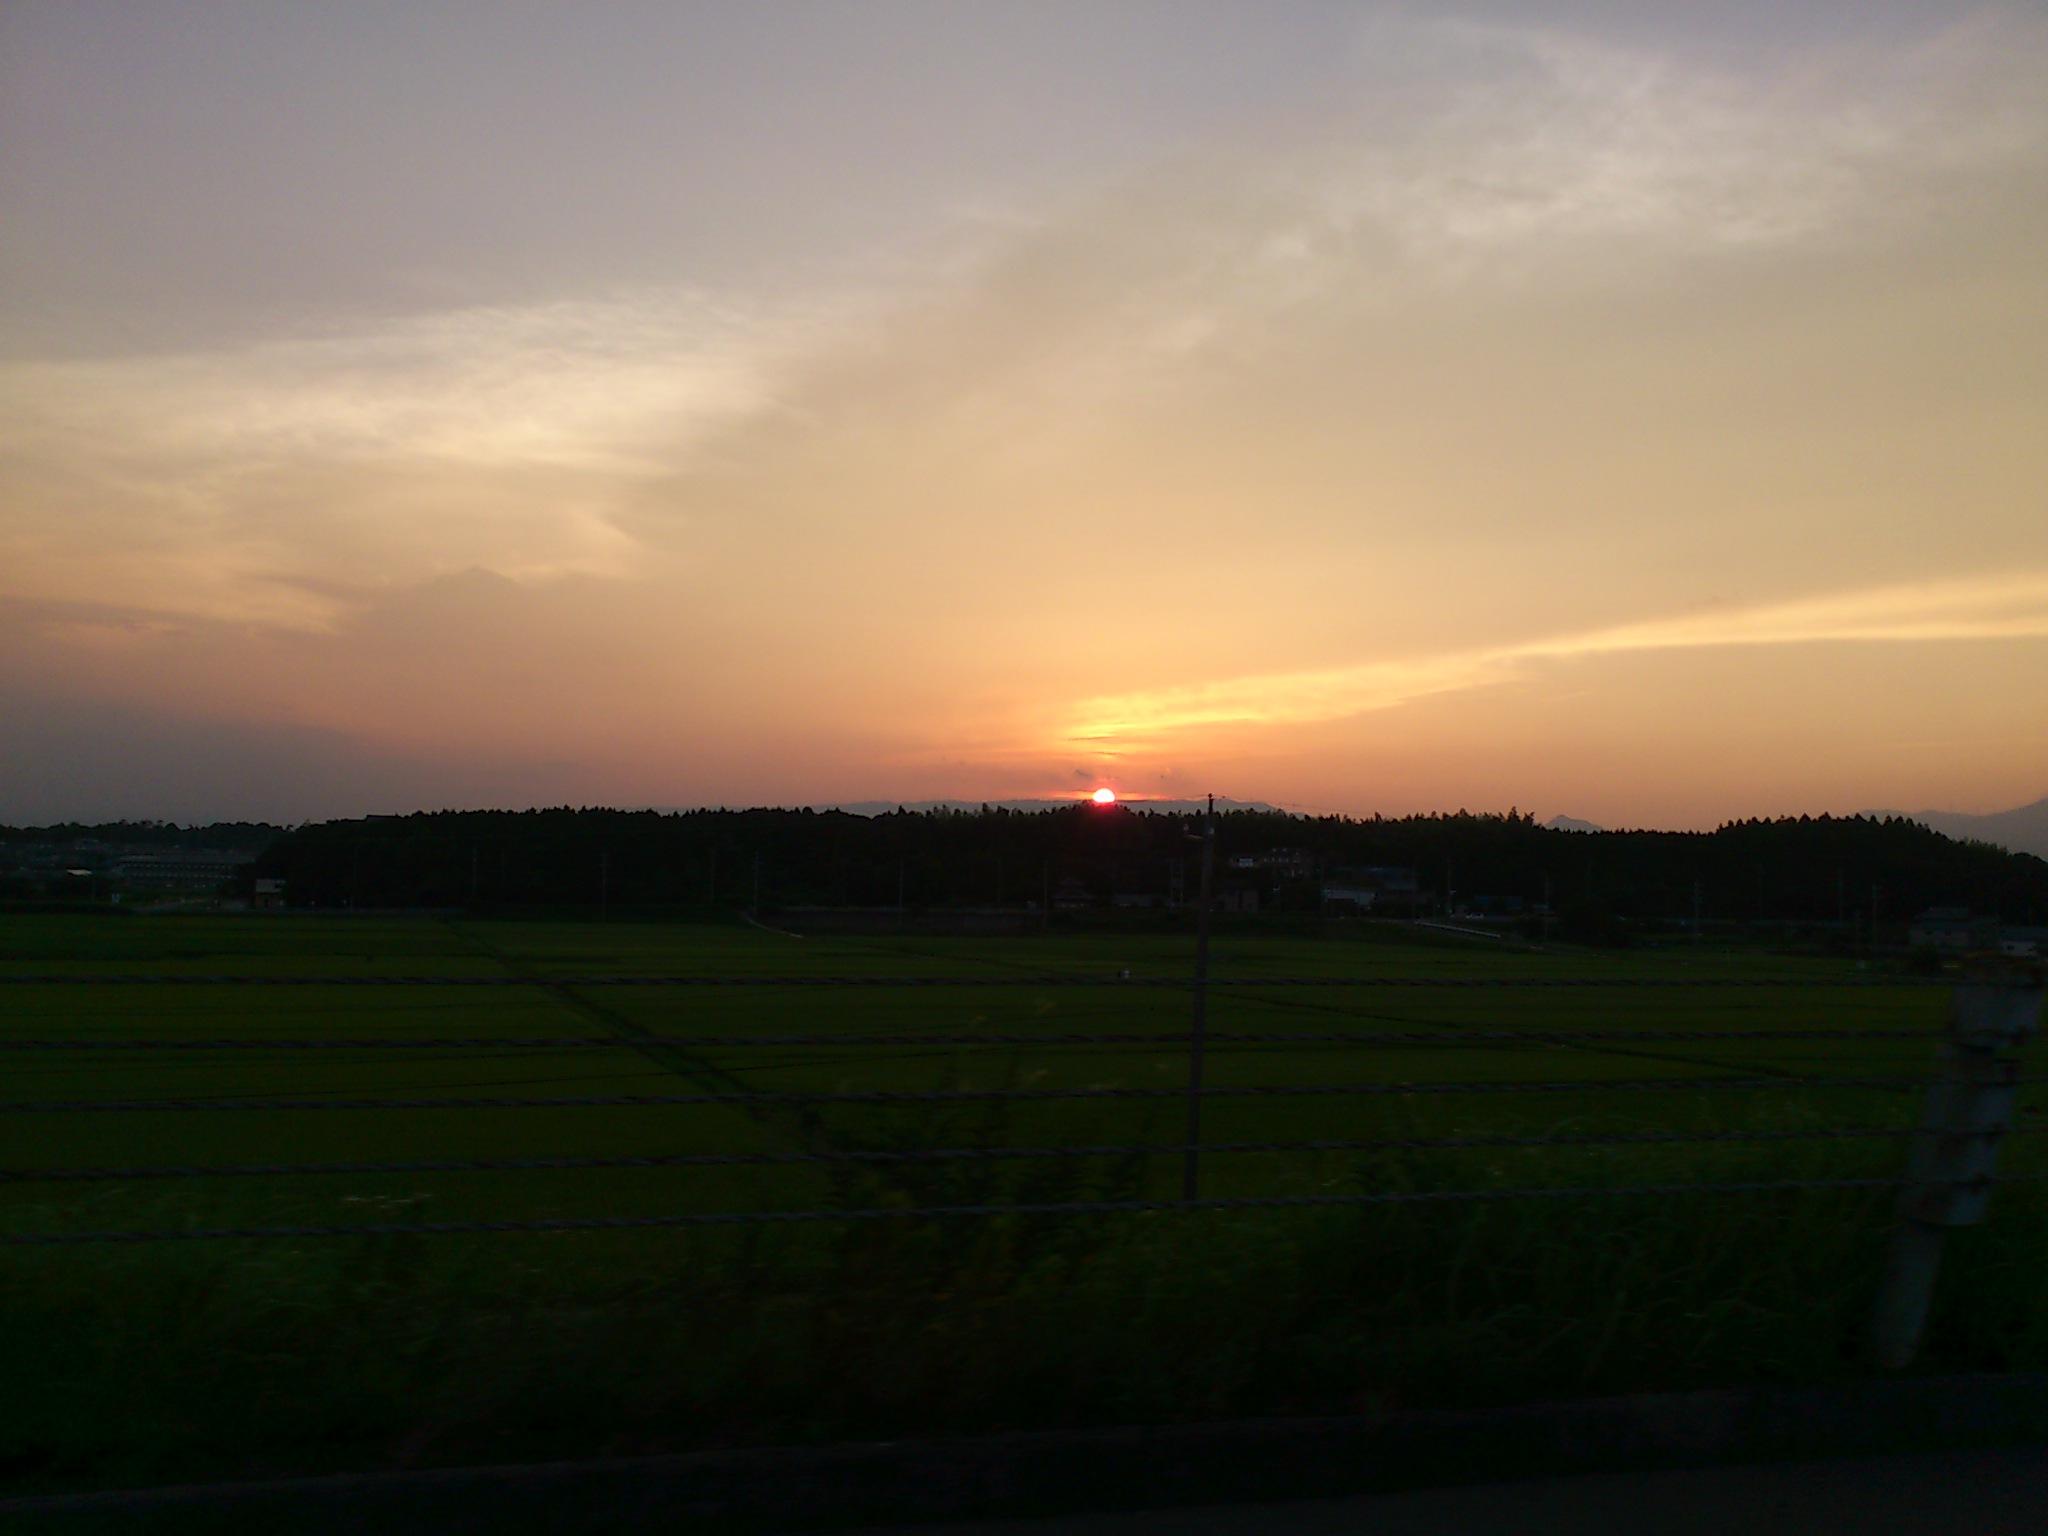 夏土用最後の日没。美杉村保養キャンプからの道は千葉〜いわきへ。明後日から海旅キャンプです。